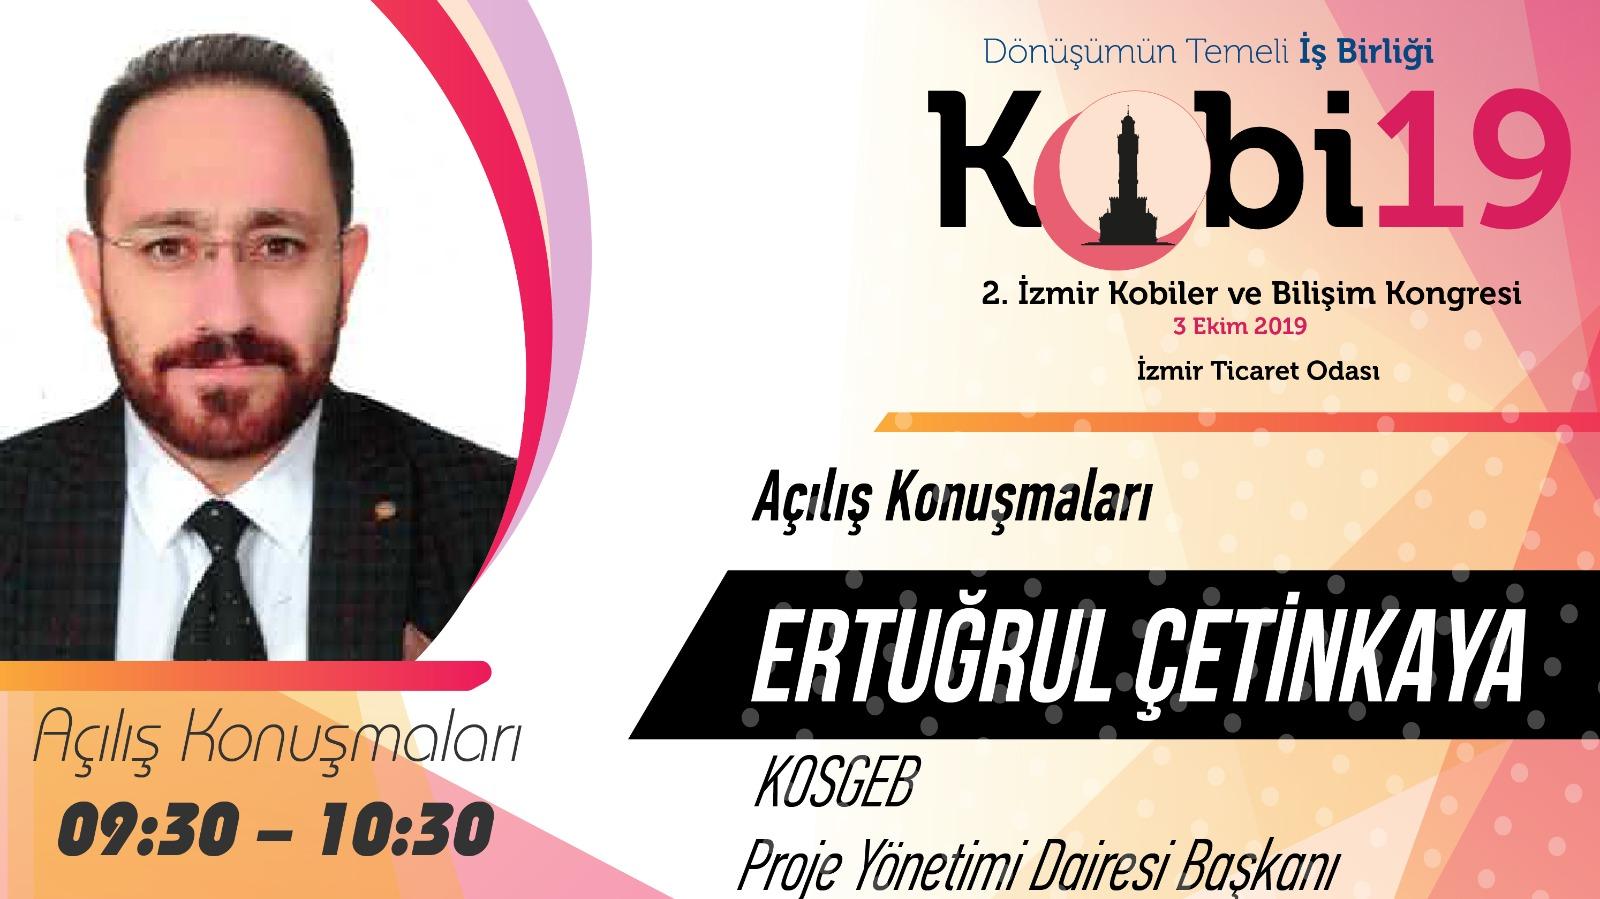 Ertuğrul ÇETİNKAYA - 2. İzmir Kobiler ve Bilişim Kongresi 2019